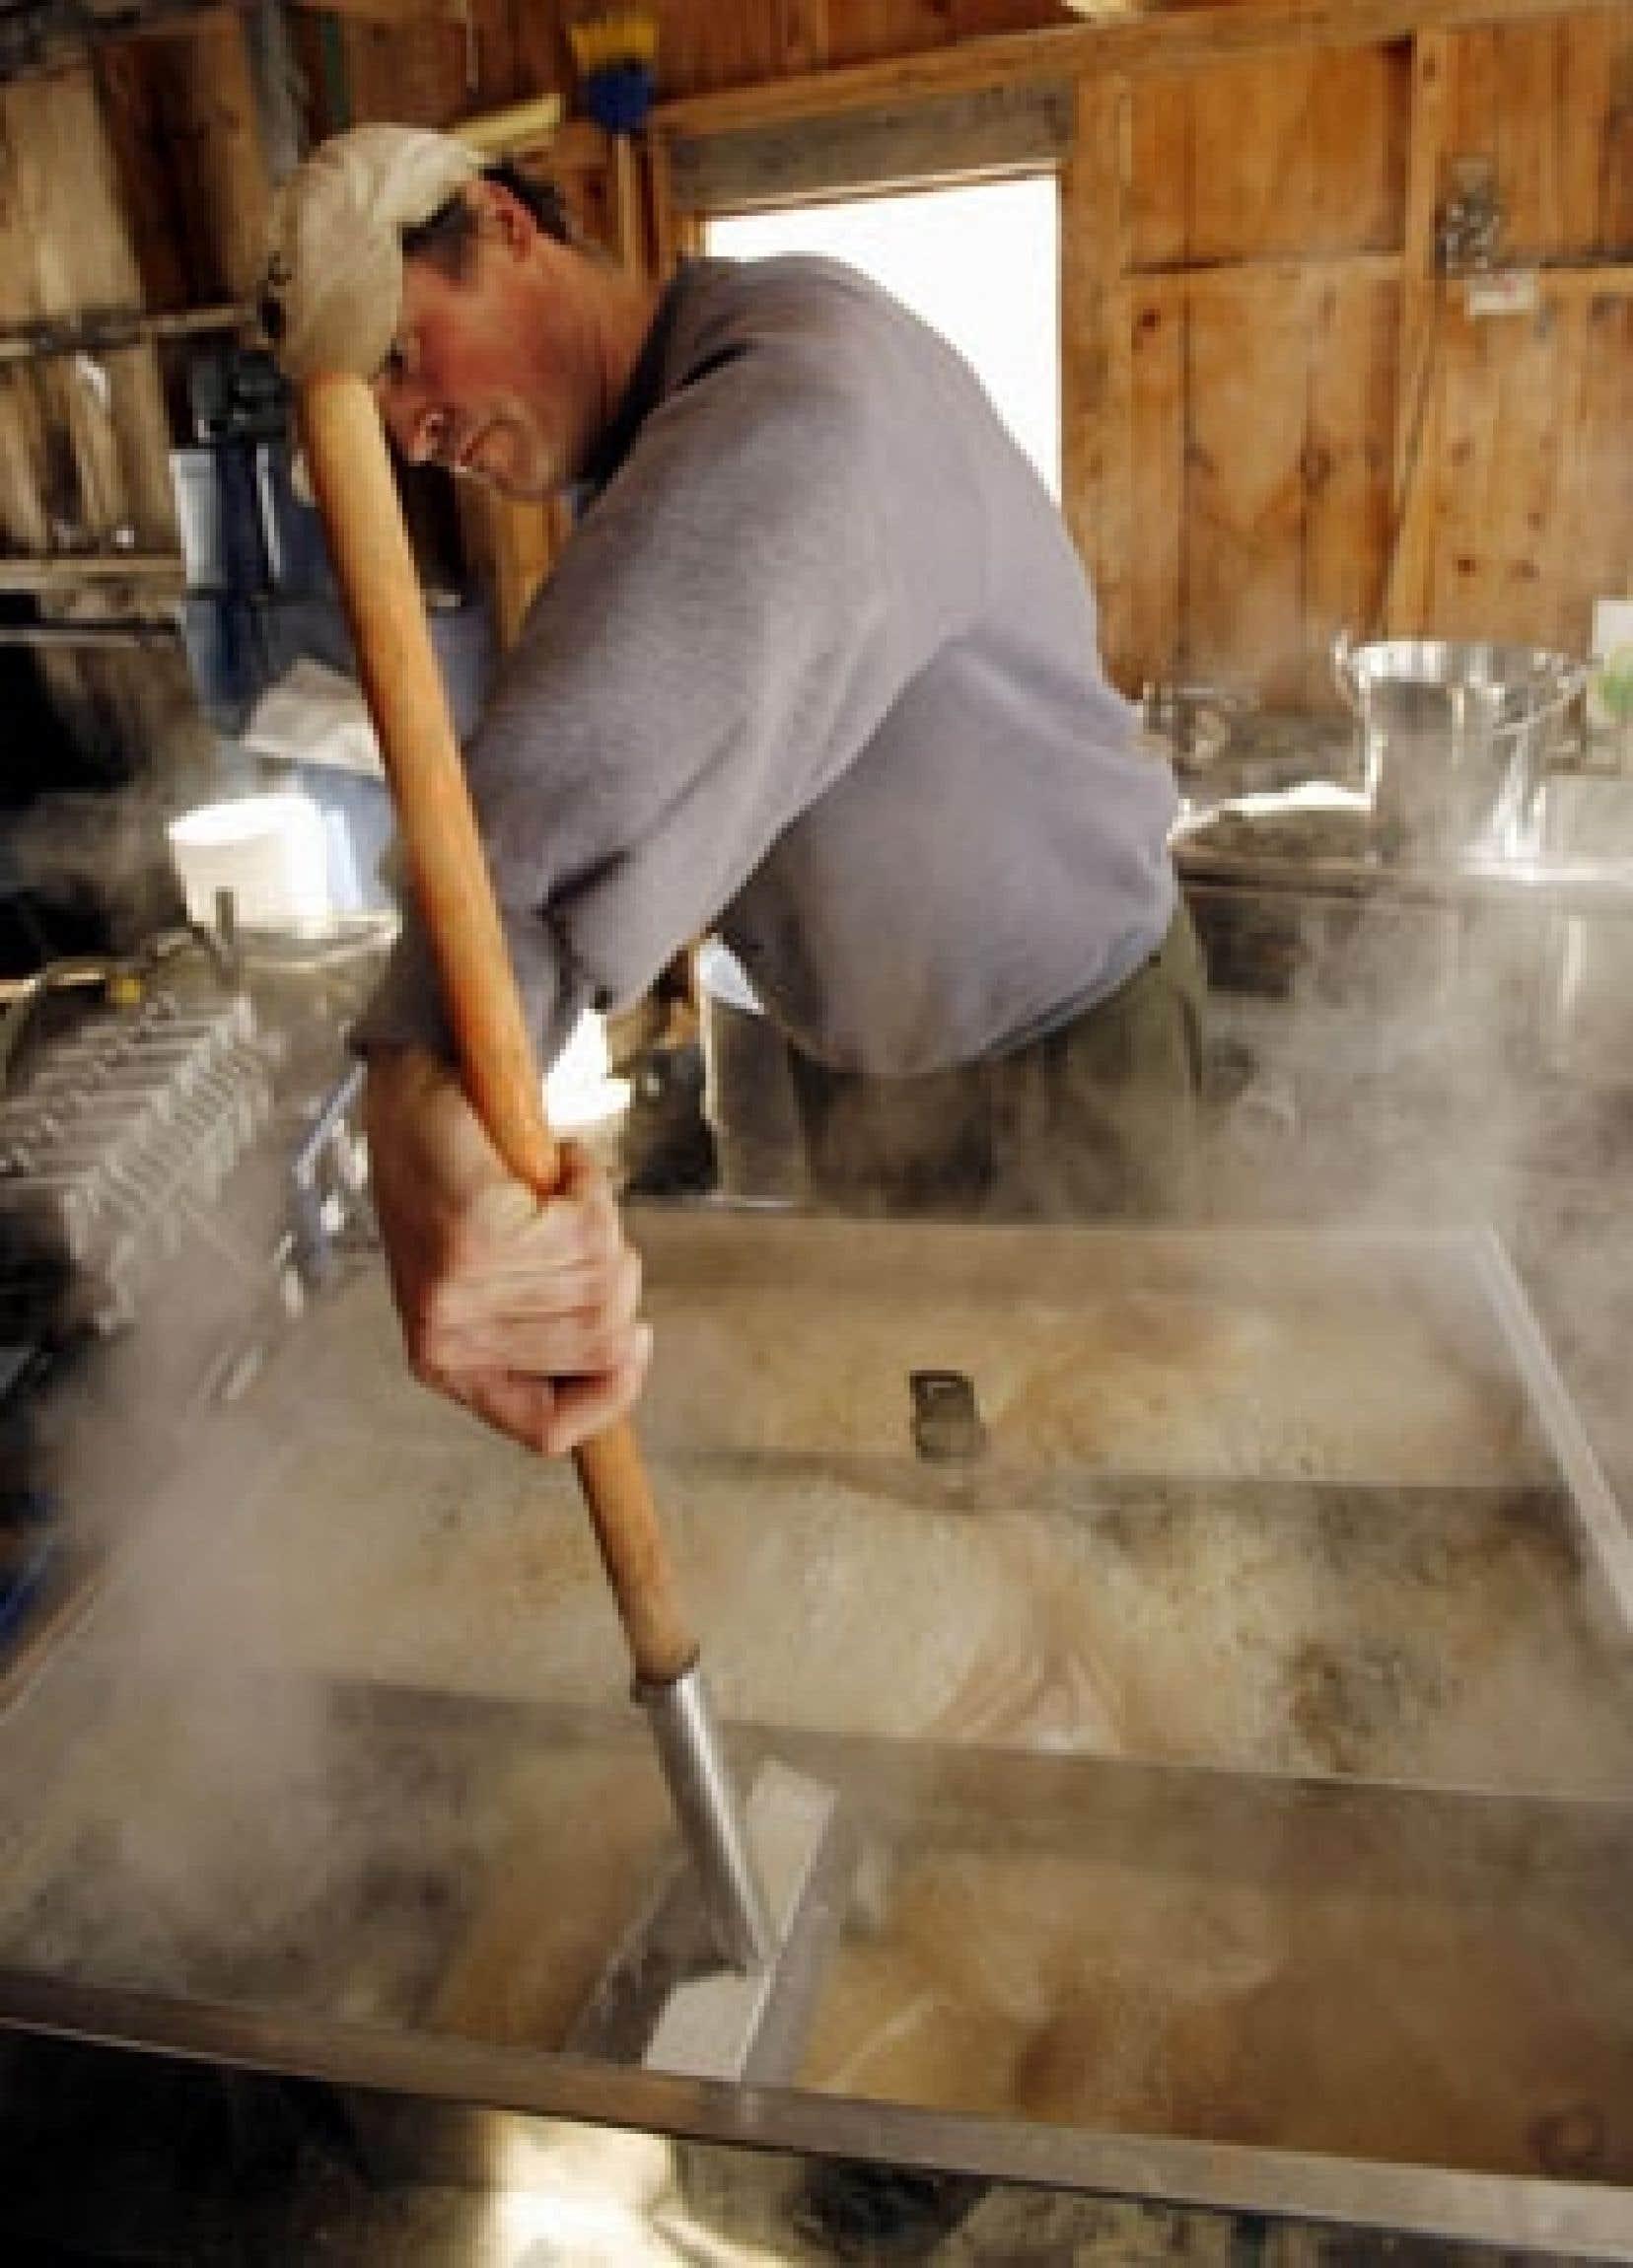 La fabrication du sirop d'érable. Les producteurs cherchent maintenant à exploiter l'érable en dehors du cadre traditionnel des repas de cabanes à sucre.